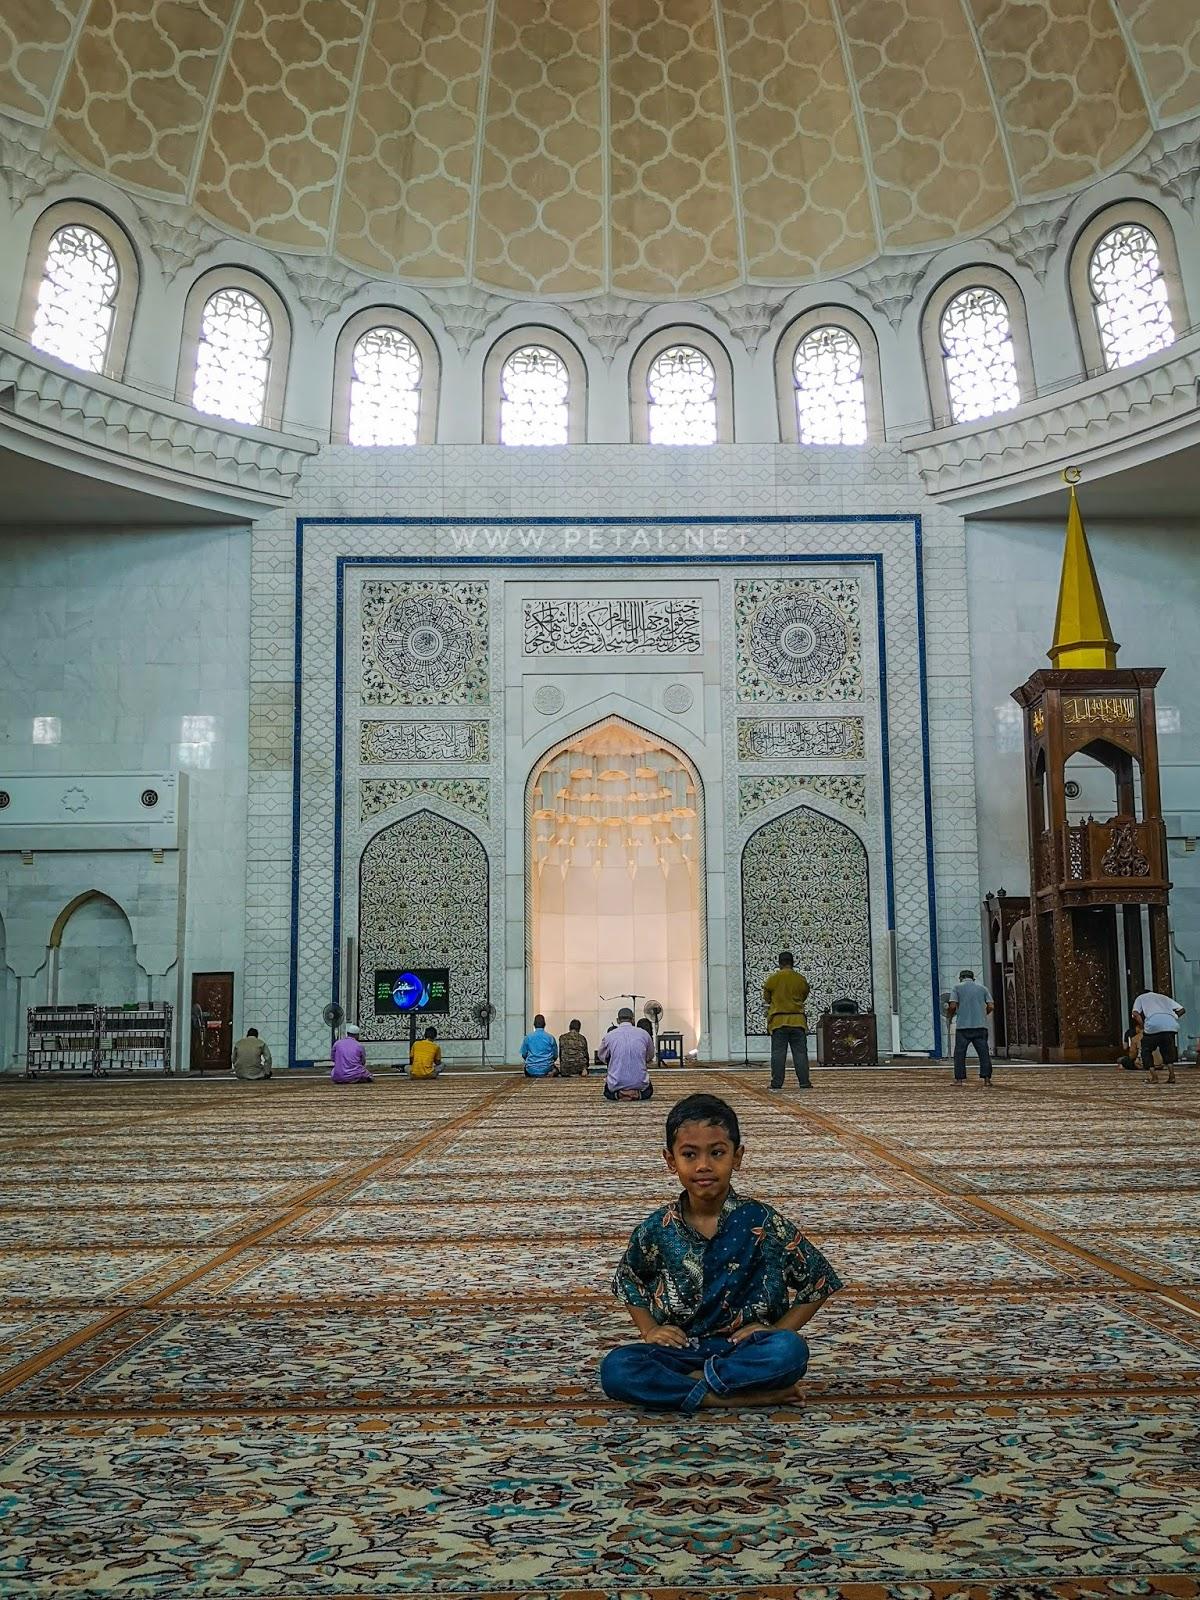 Masjid Wilayah Persekutuan Kuala Lumpur - Imam Hafiz